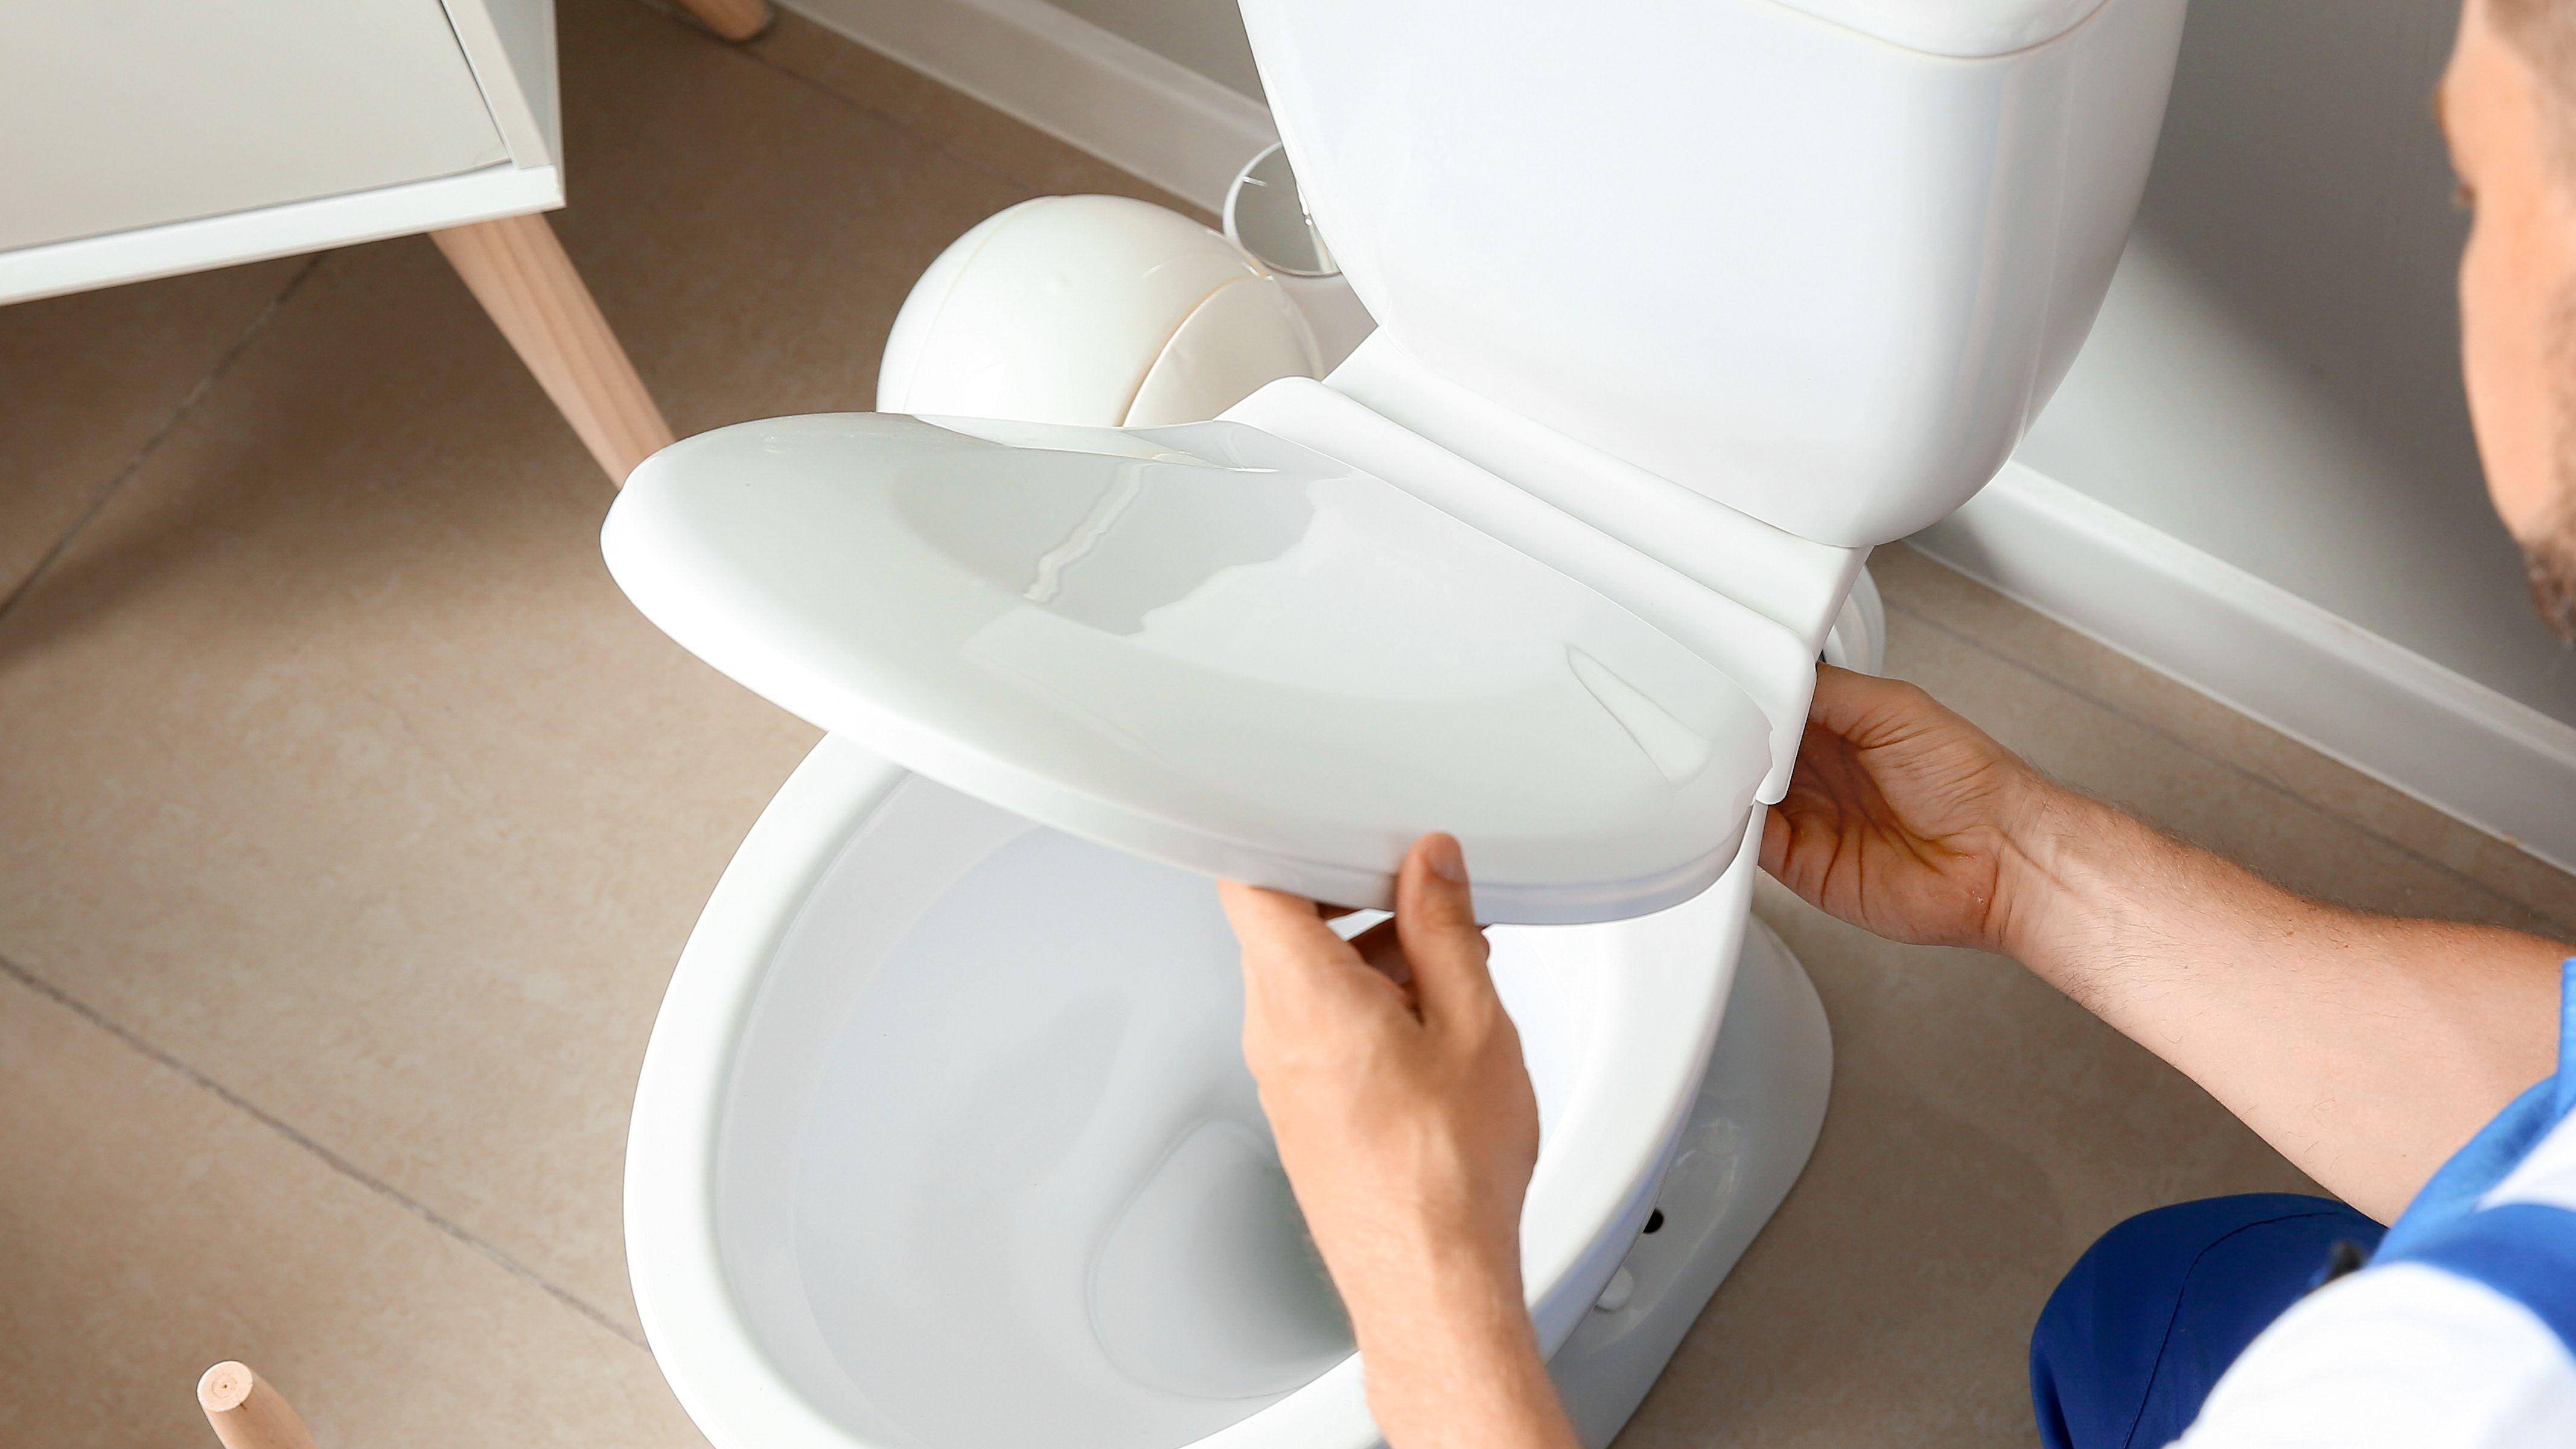 Come scegliere il sedile del WC